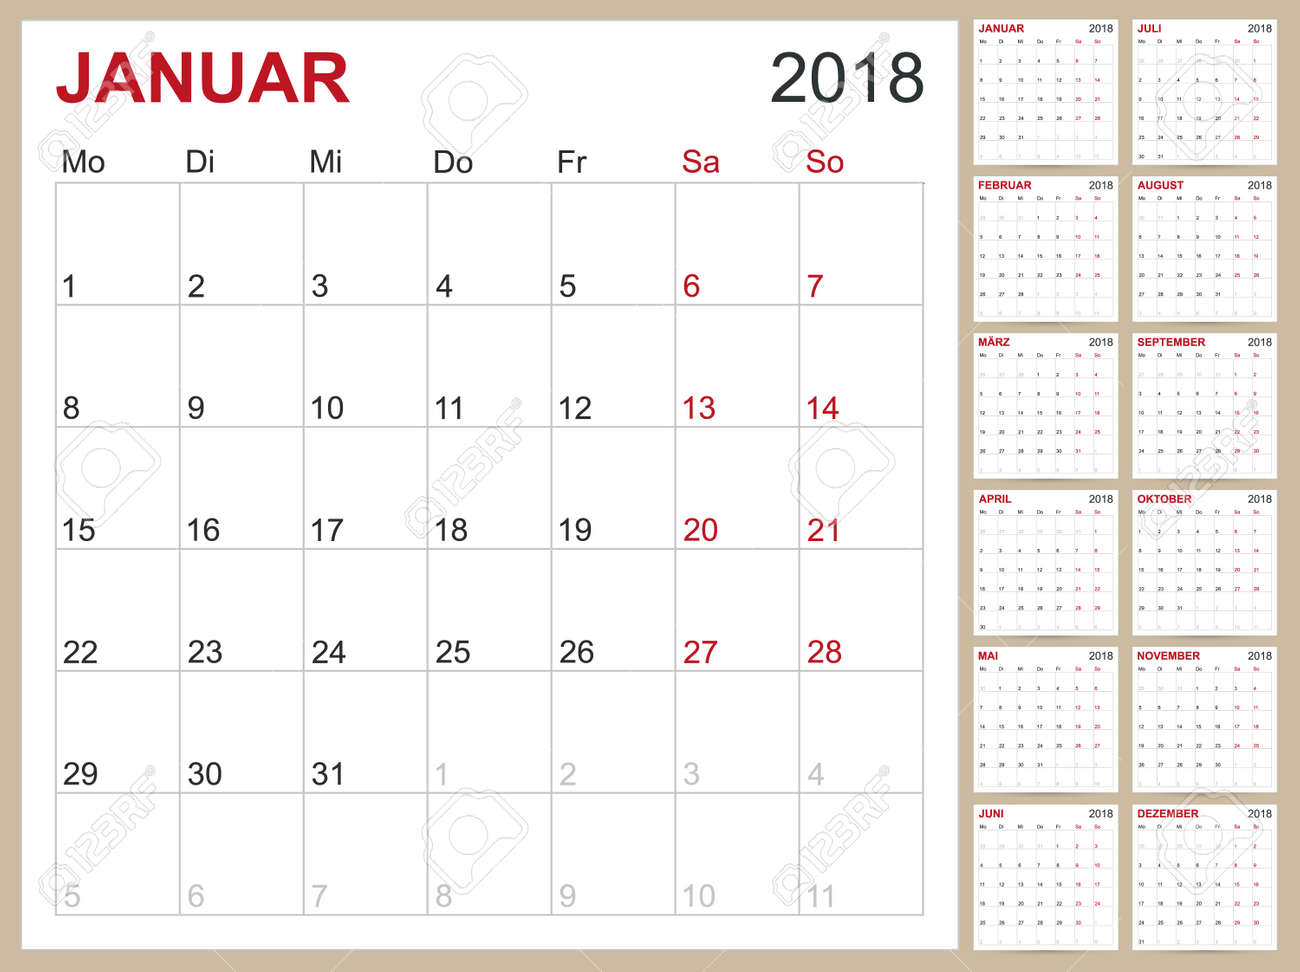 Calendario 12 Mesi.Modello Di Calendario Tedesco Per L Anno 2018 Set Di 12 Mesi La Settimana Inizia Il Lunedi Modelli Di Calendari Stampabili